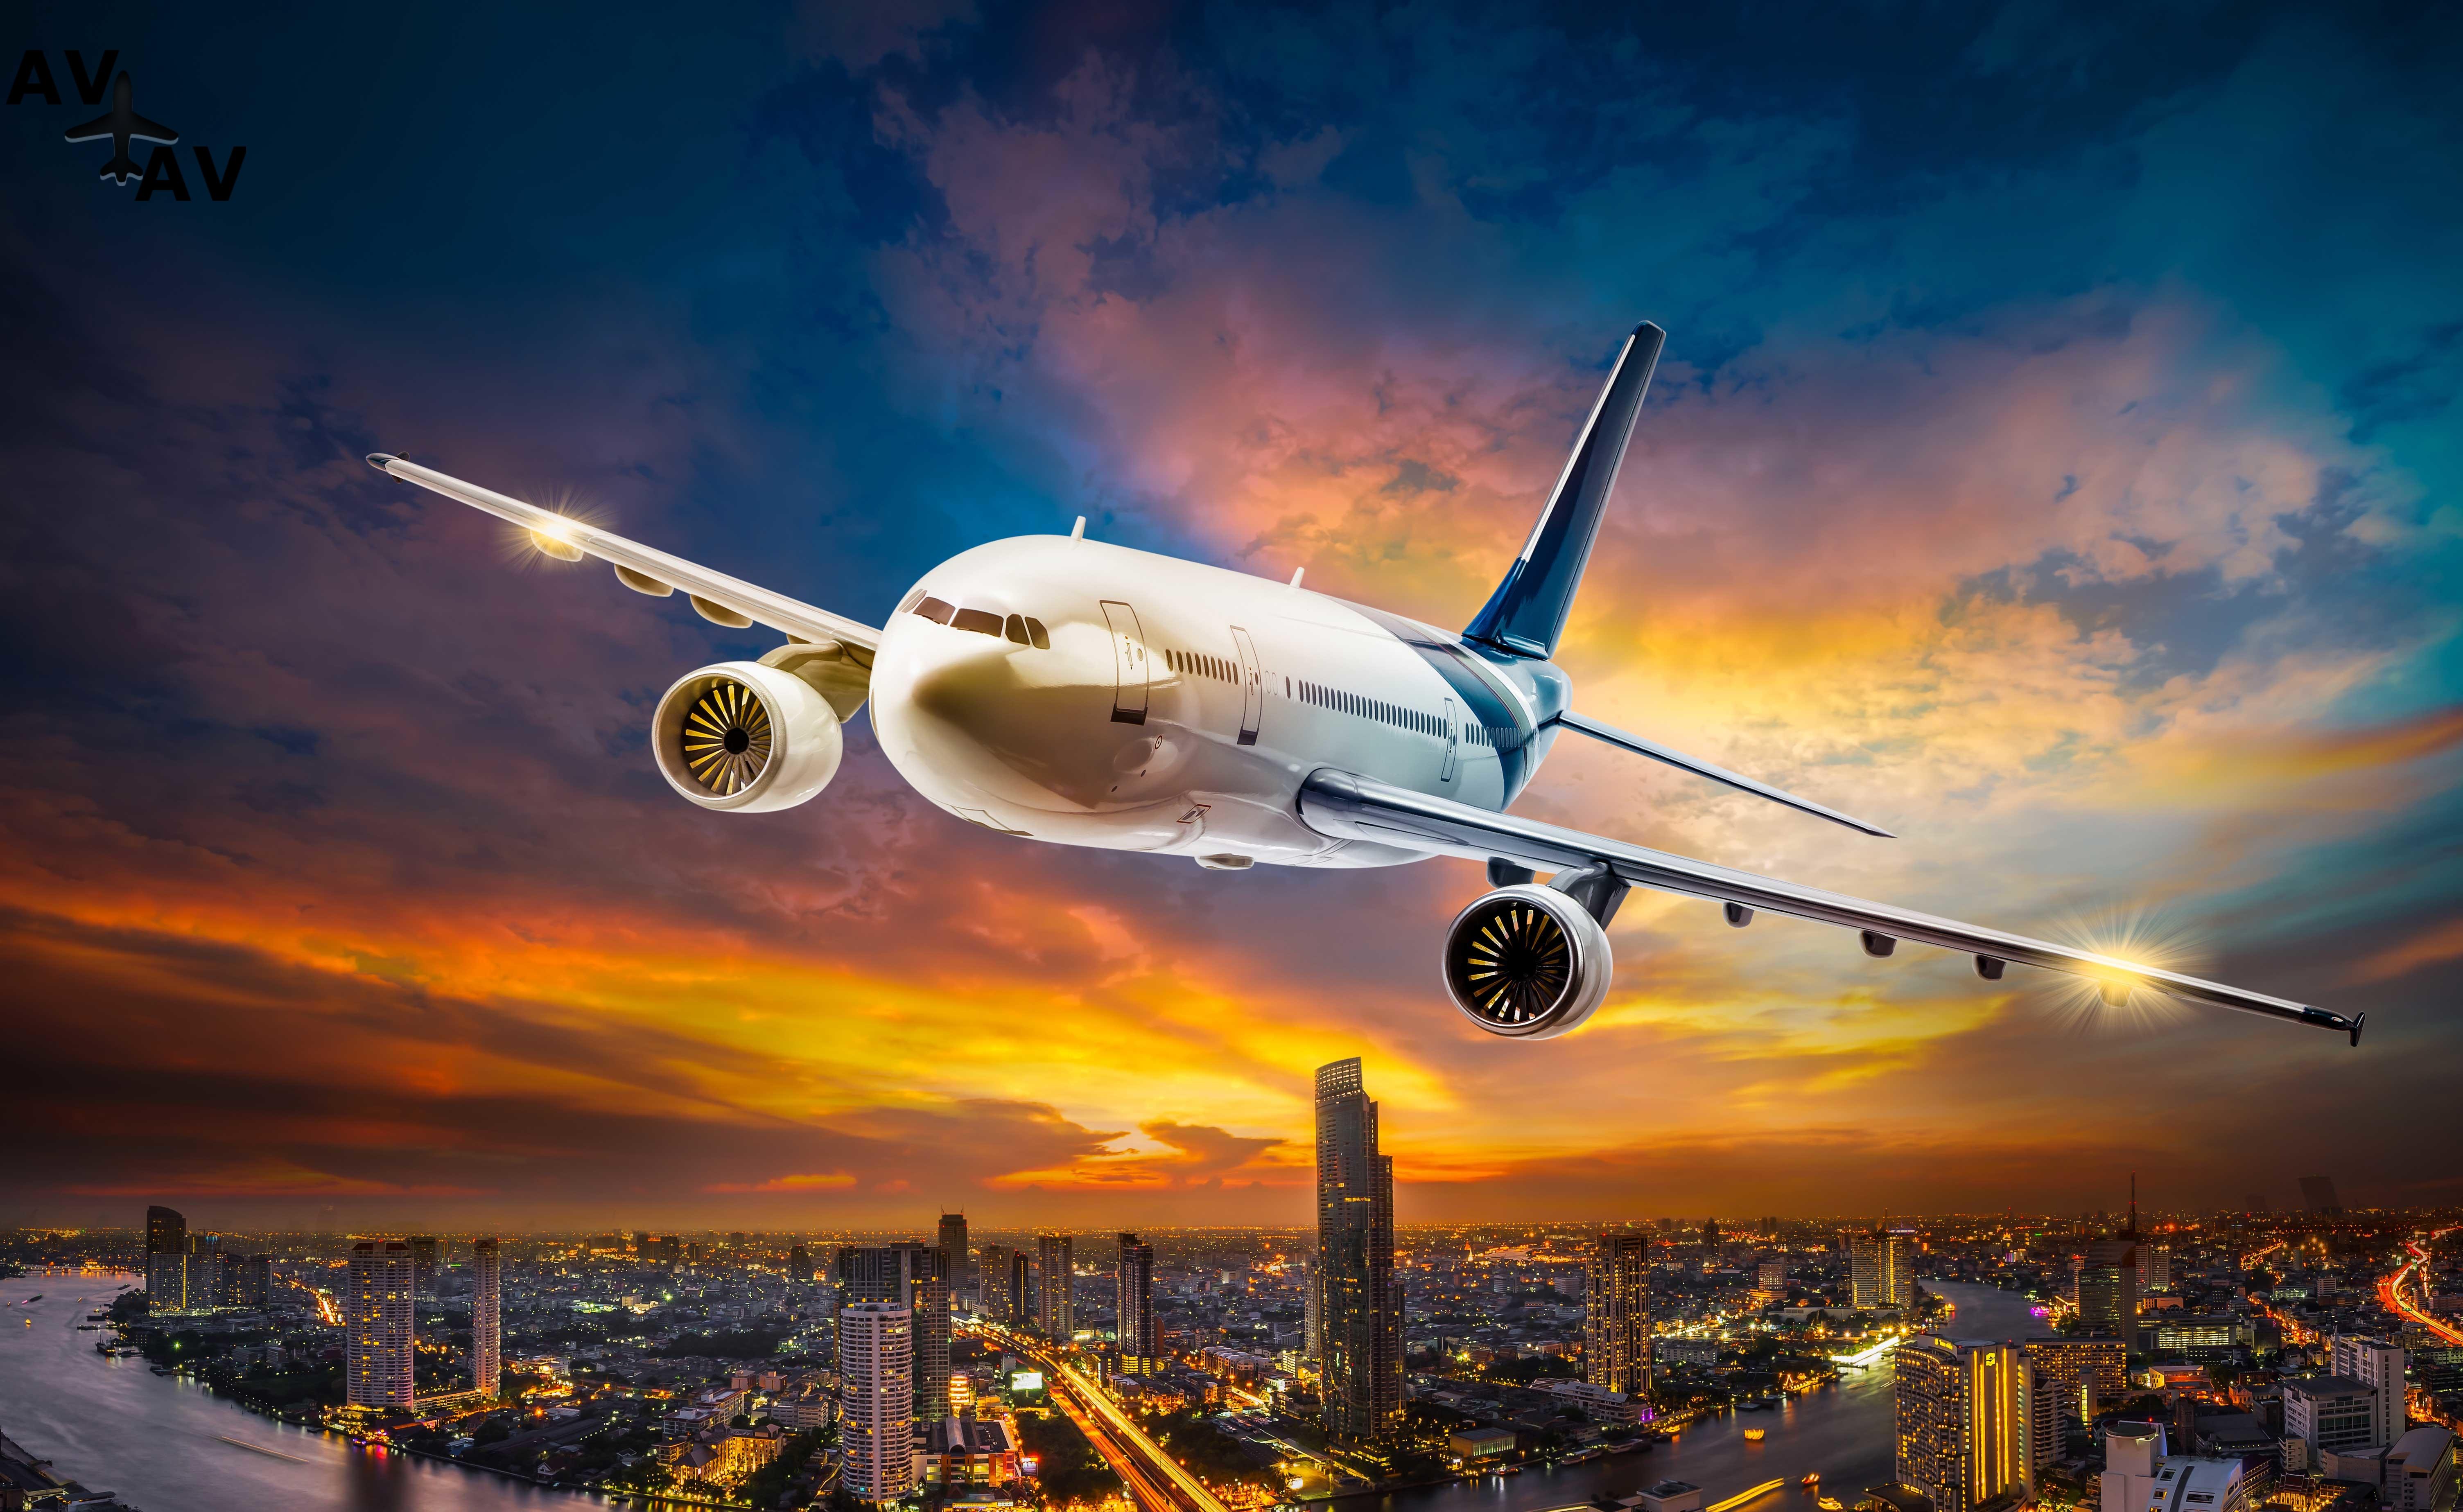 shutterstock 302574917 7 - Для чего знаменитости приобретают самолеты